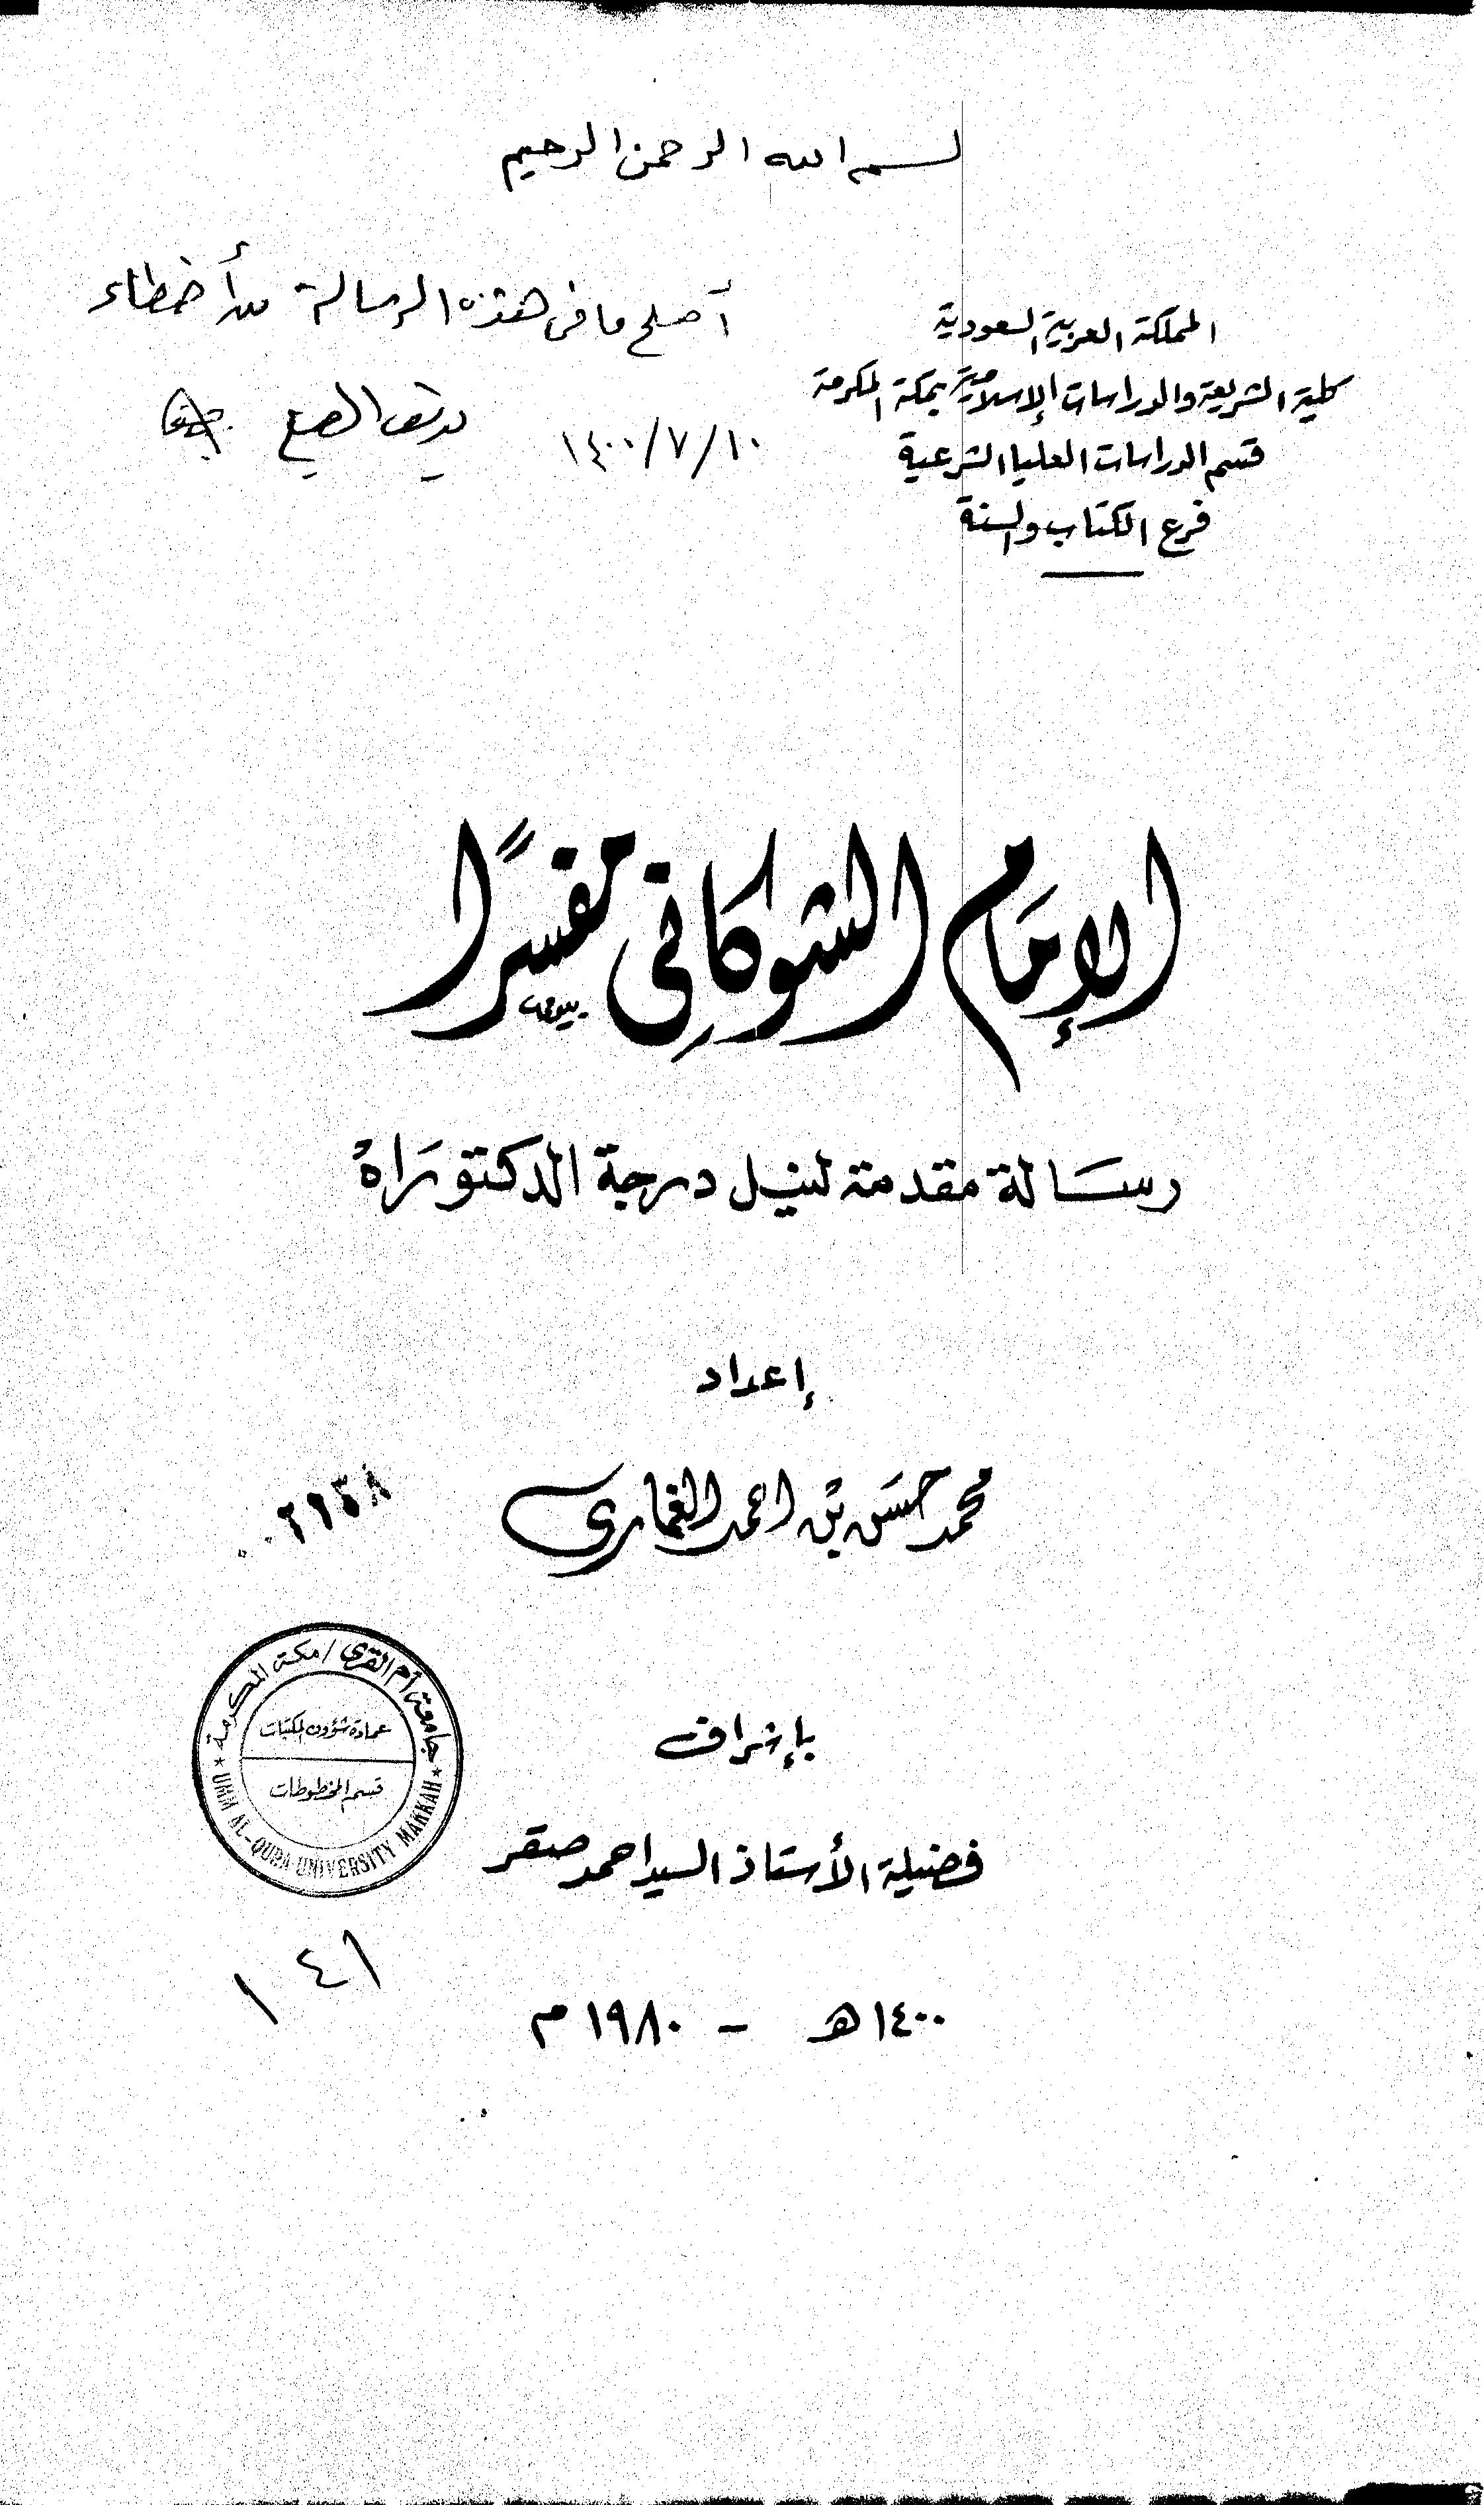 تحميل كتاب الإمام الشوكاني مفسرًا لـِ: الدكتور محمد حسن بن أحمد الغماري